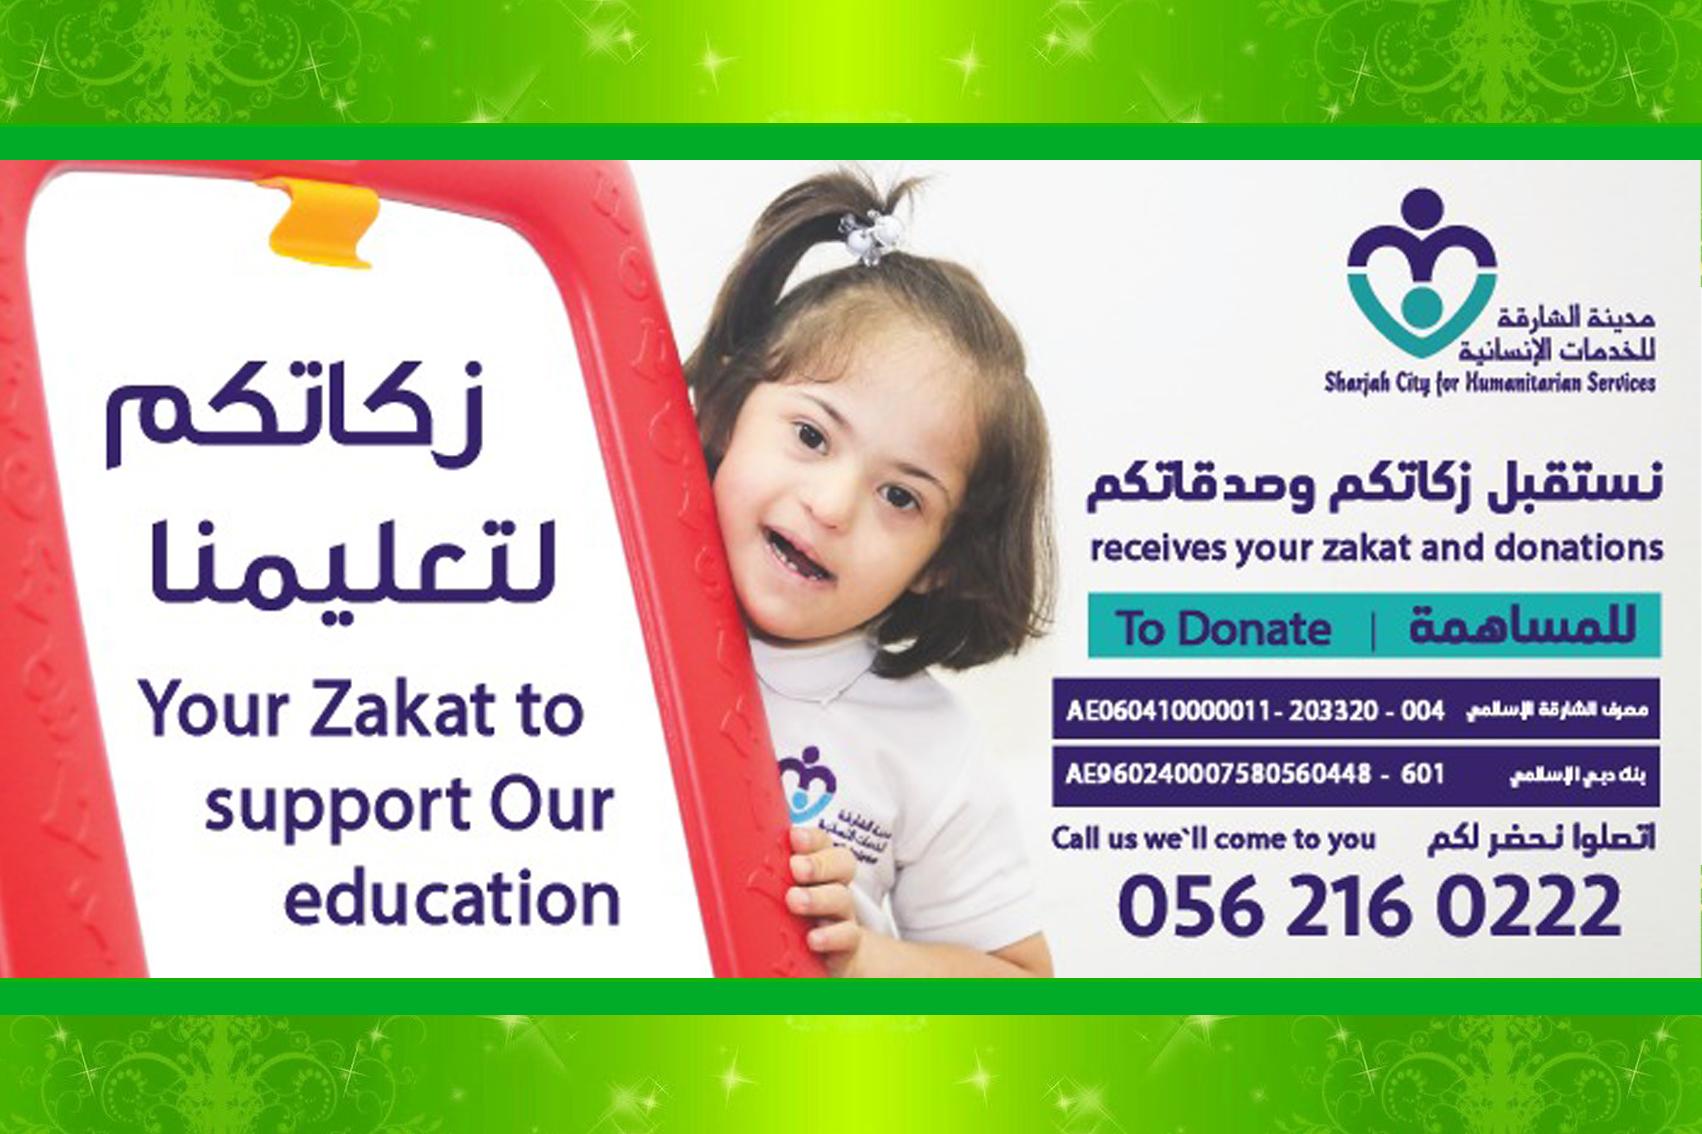 الخدمات الإنسانية تطلقُ حملتها السنوية: زكاتكم لتعليمنا